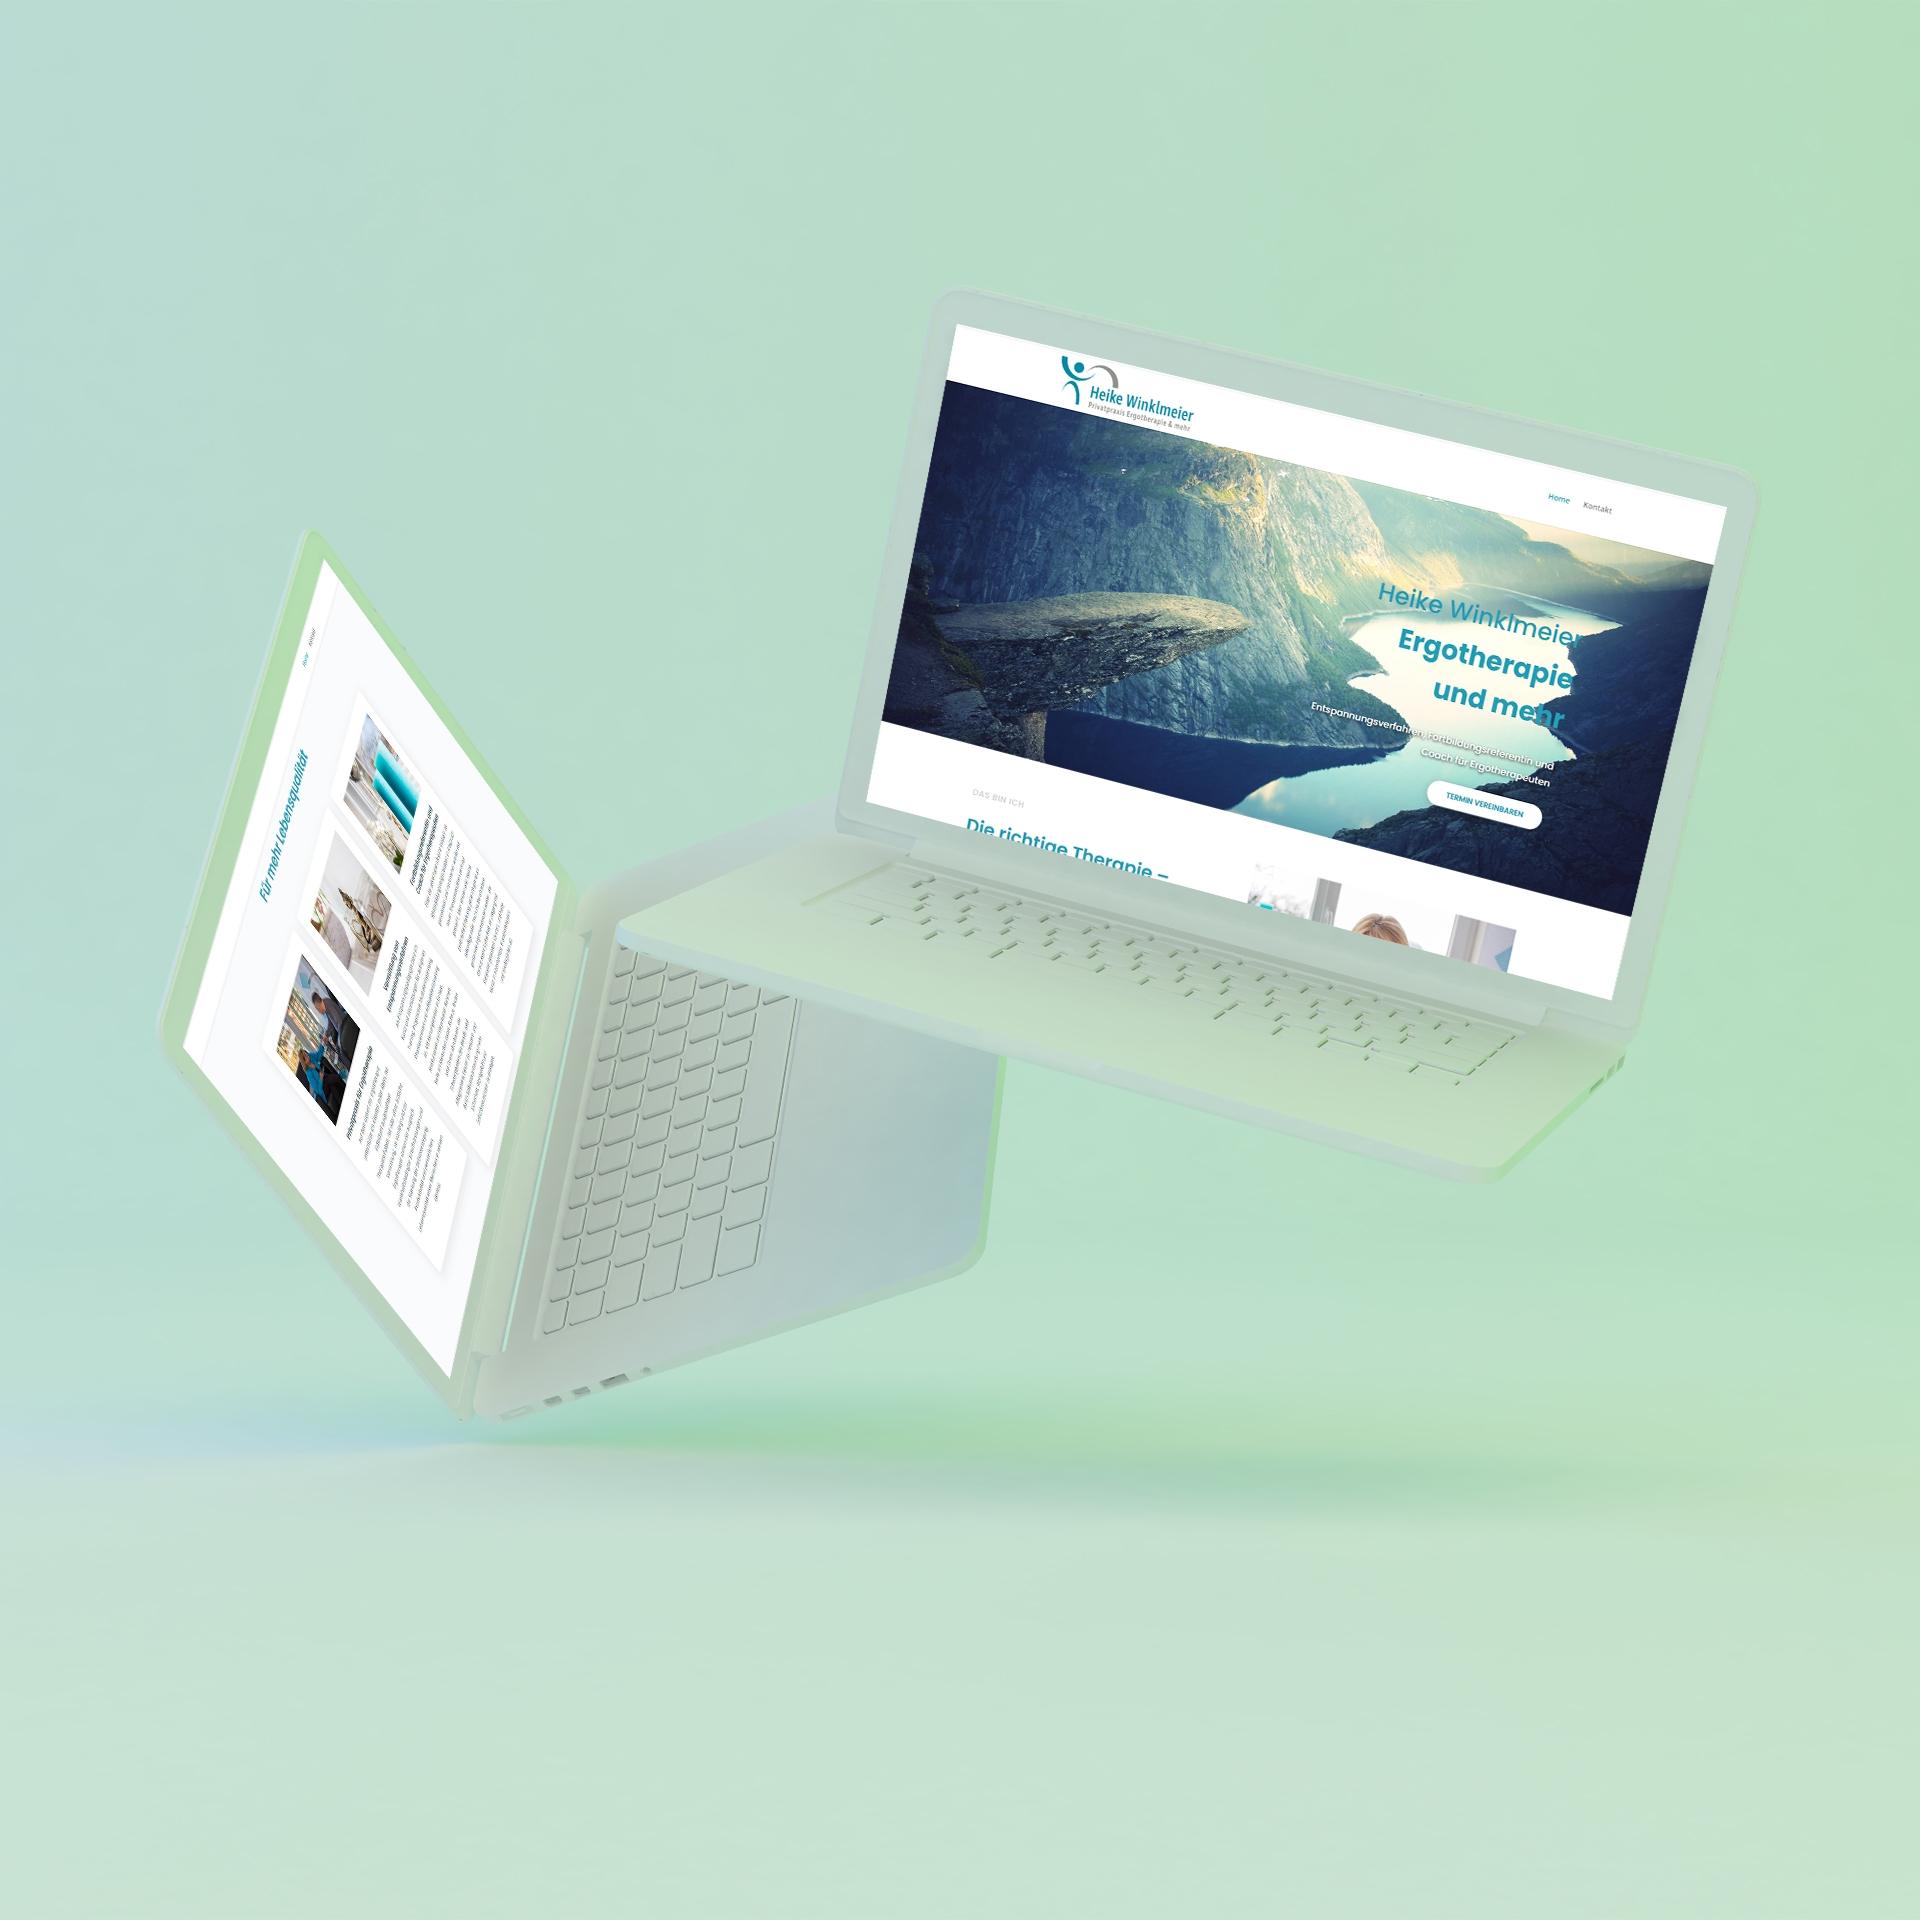 freiSign Werbeagentur Nordhorn: Ergotherapie Webseite